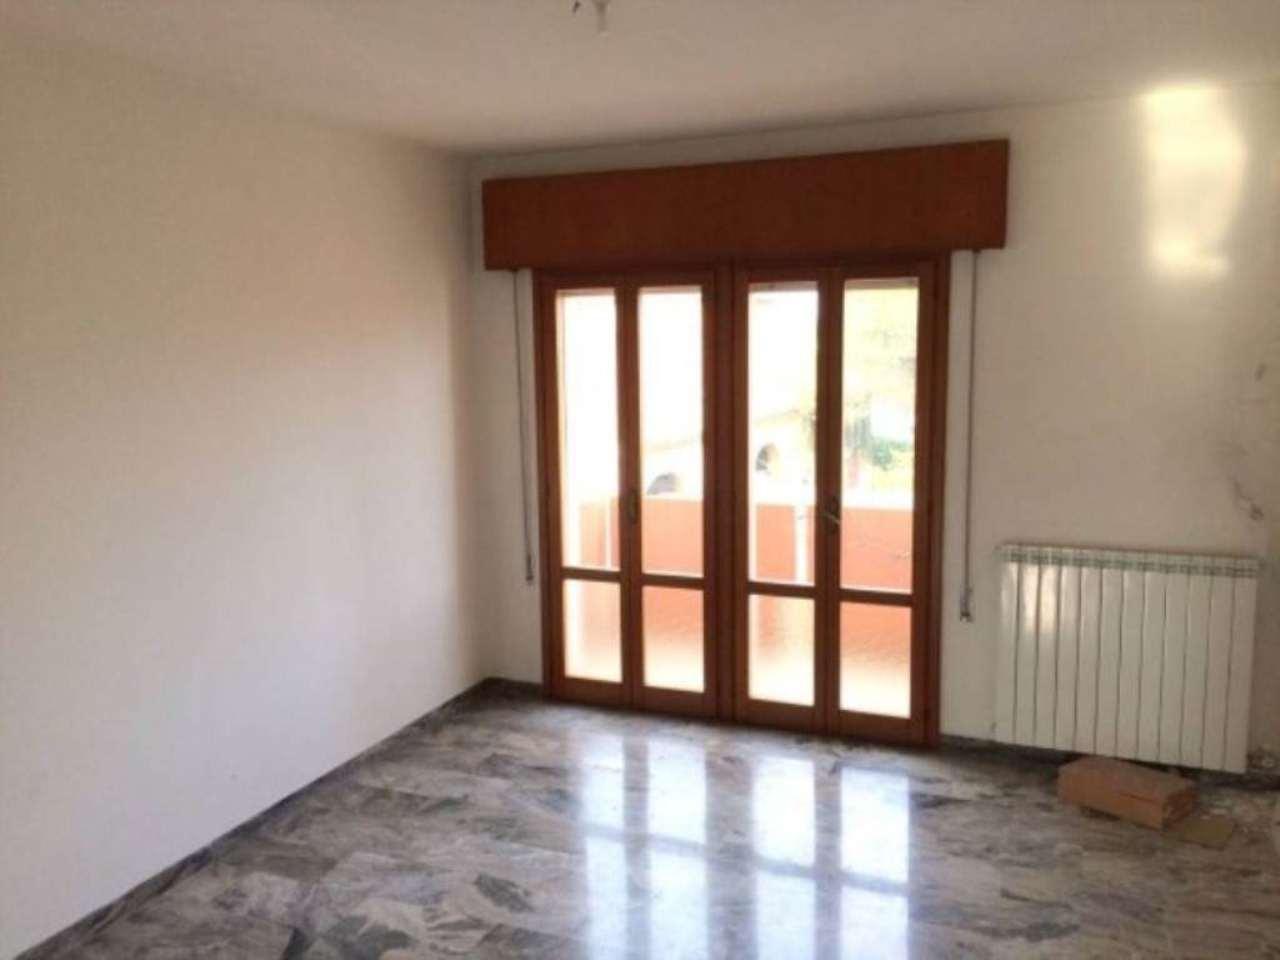 Appartamento in vendita a Mira, 5 locali, prezzo € 135.000 | Cambio Casa.it